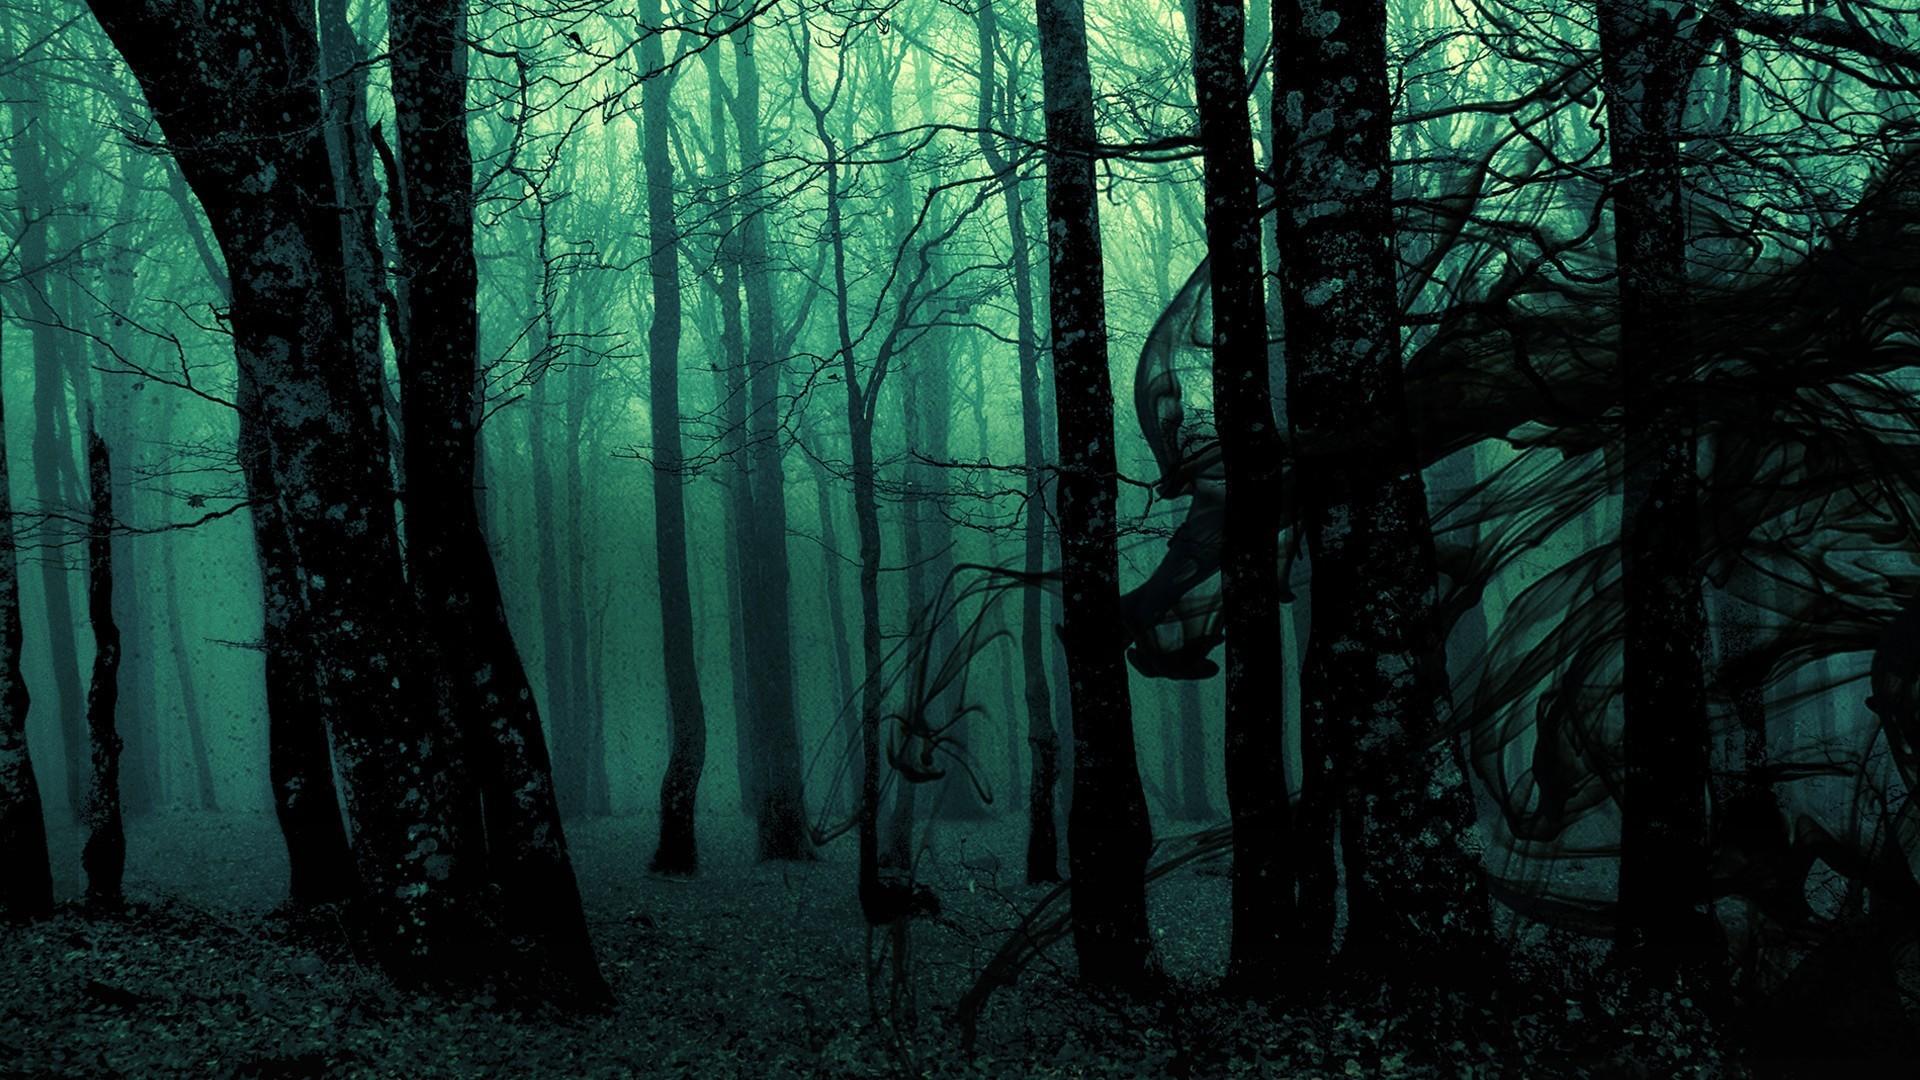 Hình nền khu rừng kinh dị